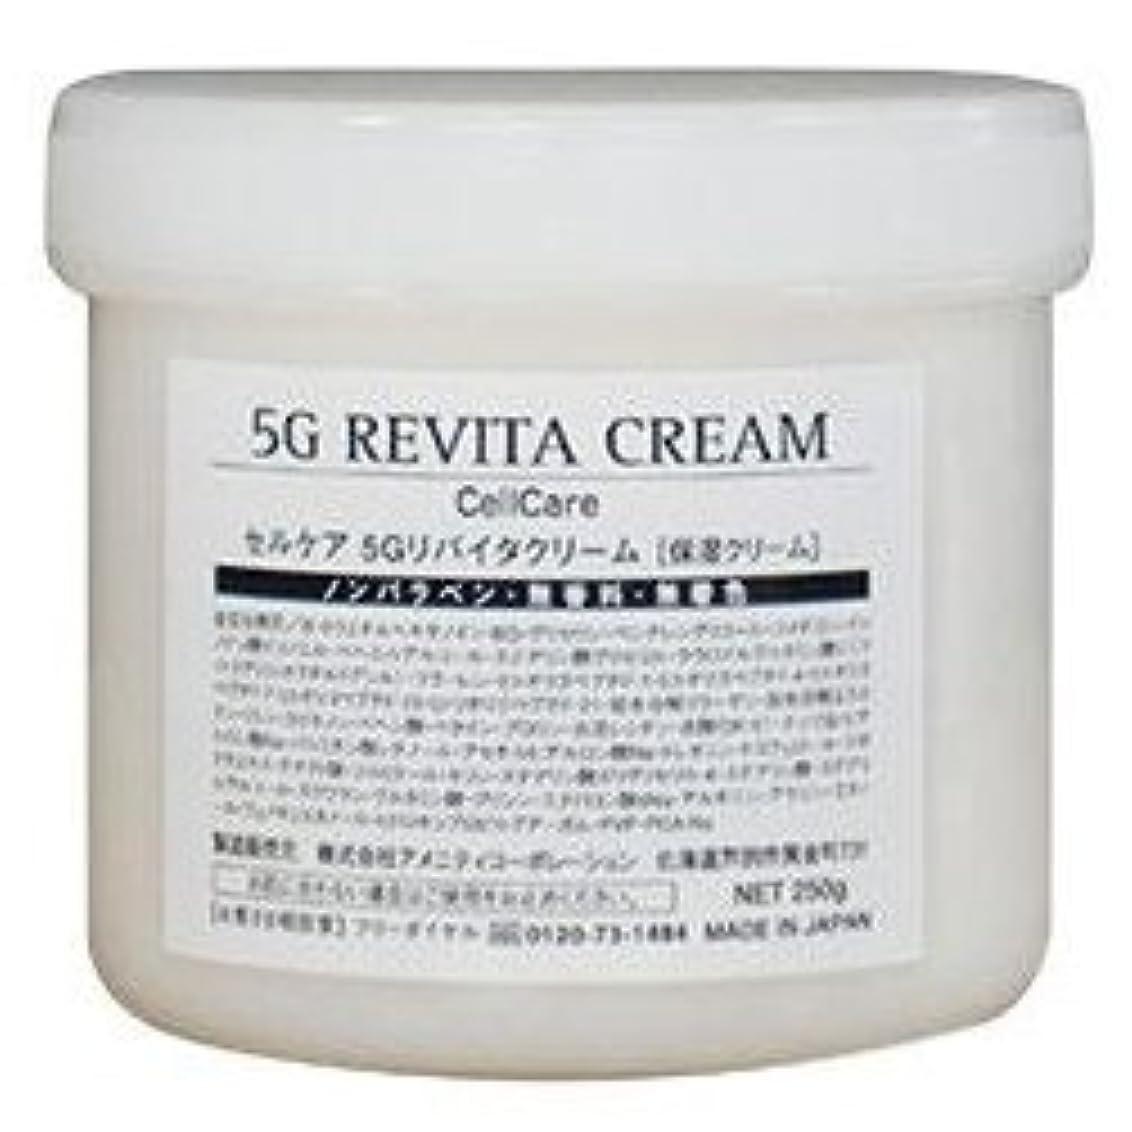 ストレスの多い拘束するバリアセルケアGF プレミアム 5Gリバイタルクリーム 保湿クリーム お徳用250g